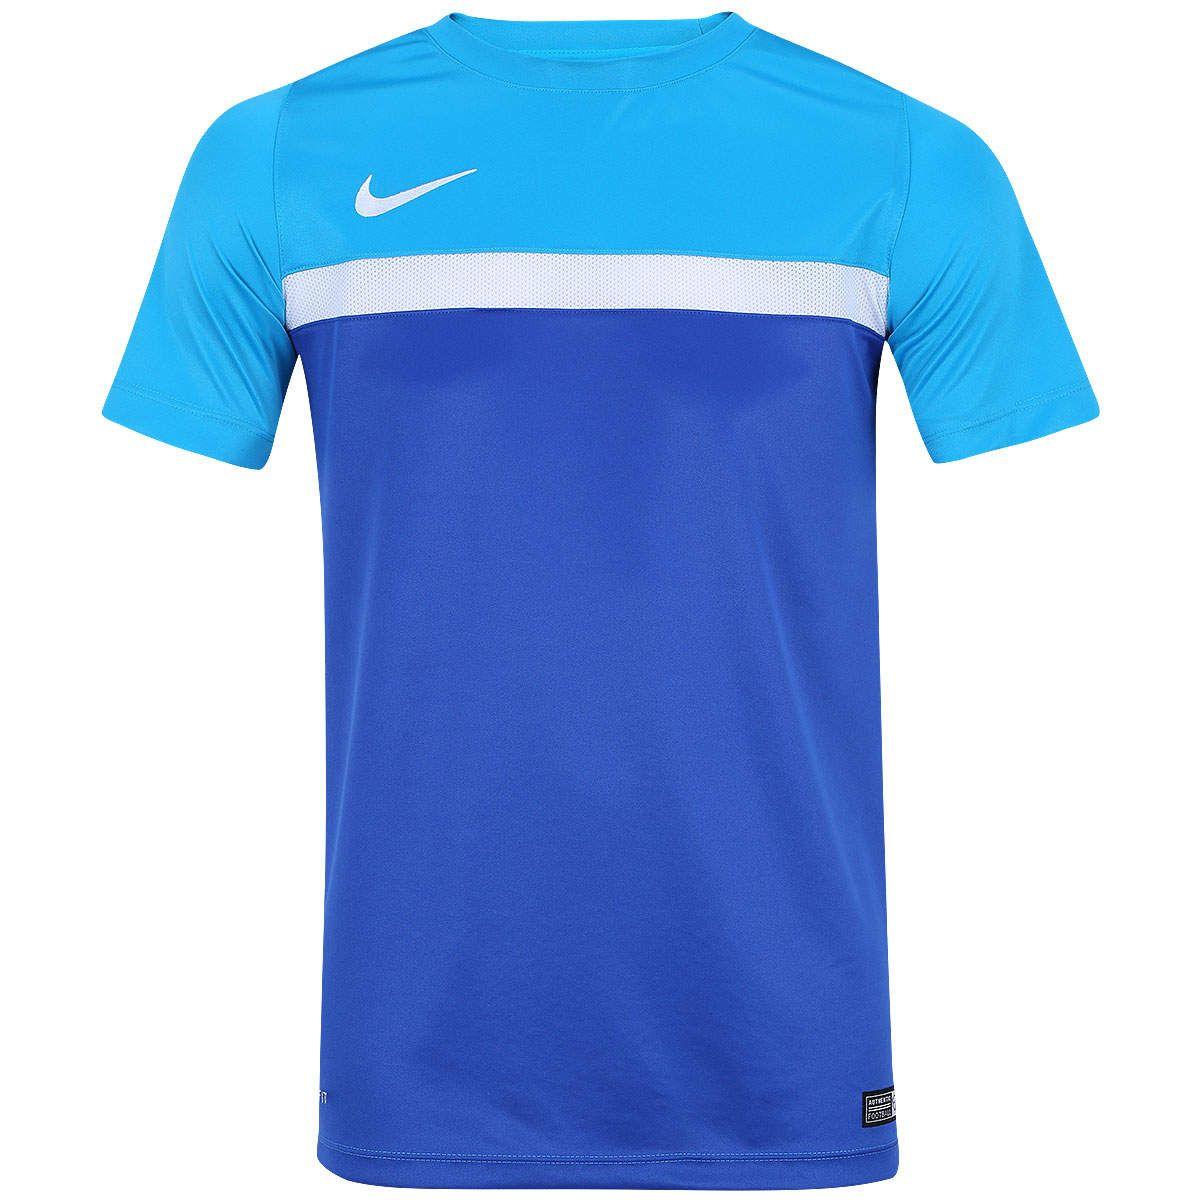 A Camisa Nike Academy Training Camiseta Masculina Manga Curta Sport Fitness  é uma ótima escolha para eac13e91308ee